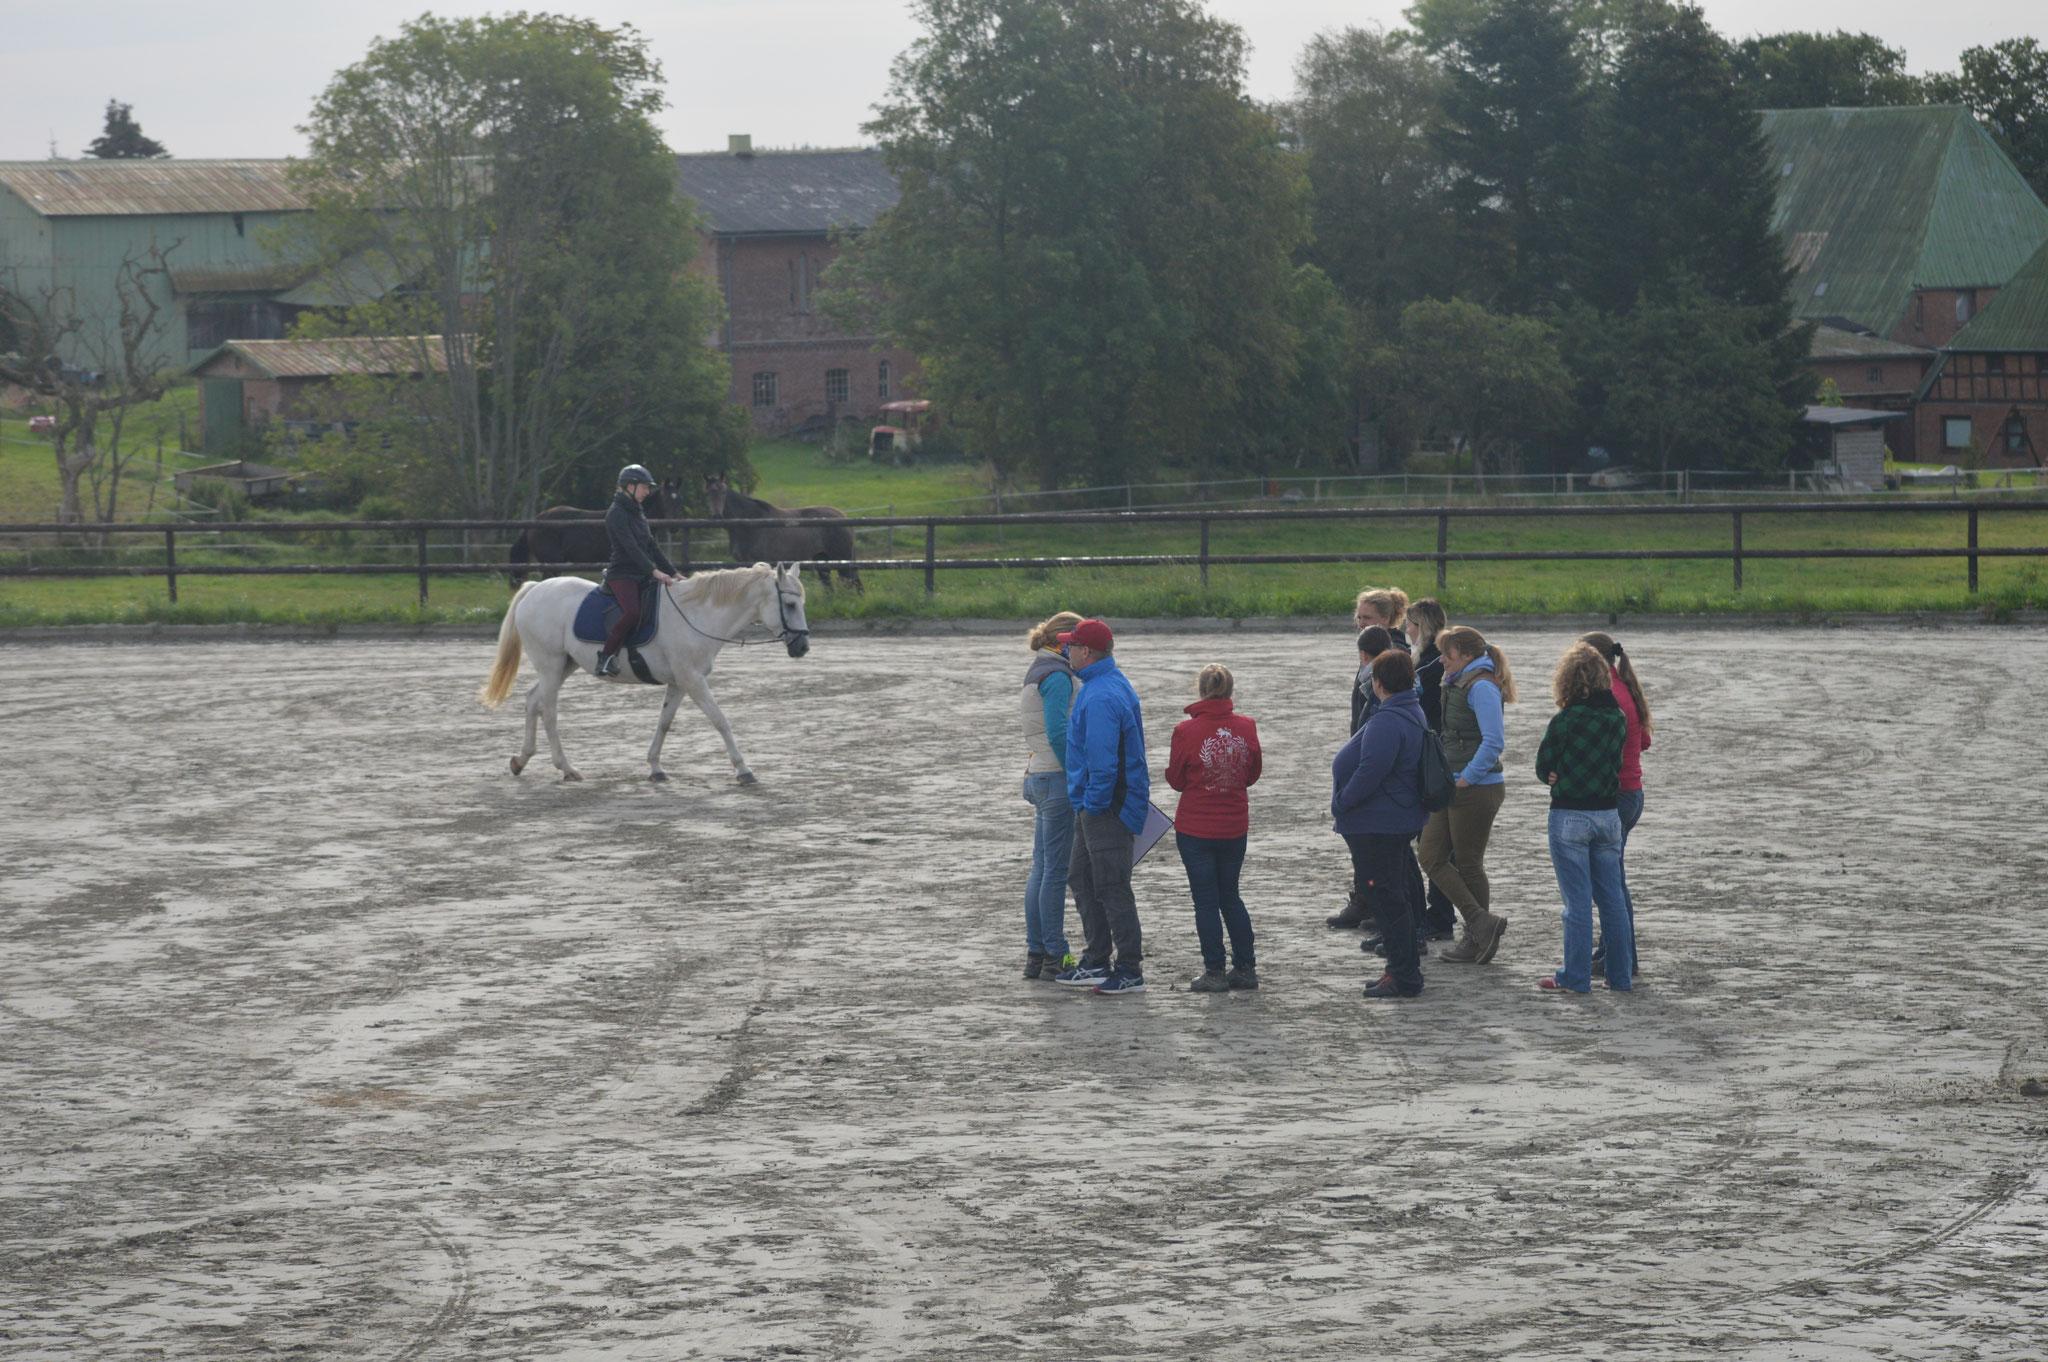 Pferd- und Reiterbeurteilung unter dem Sattel